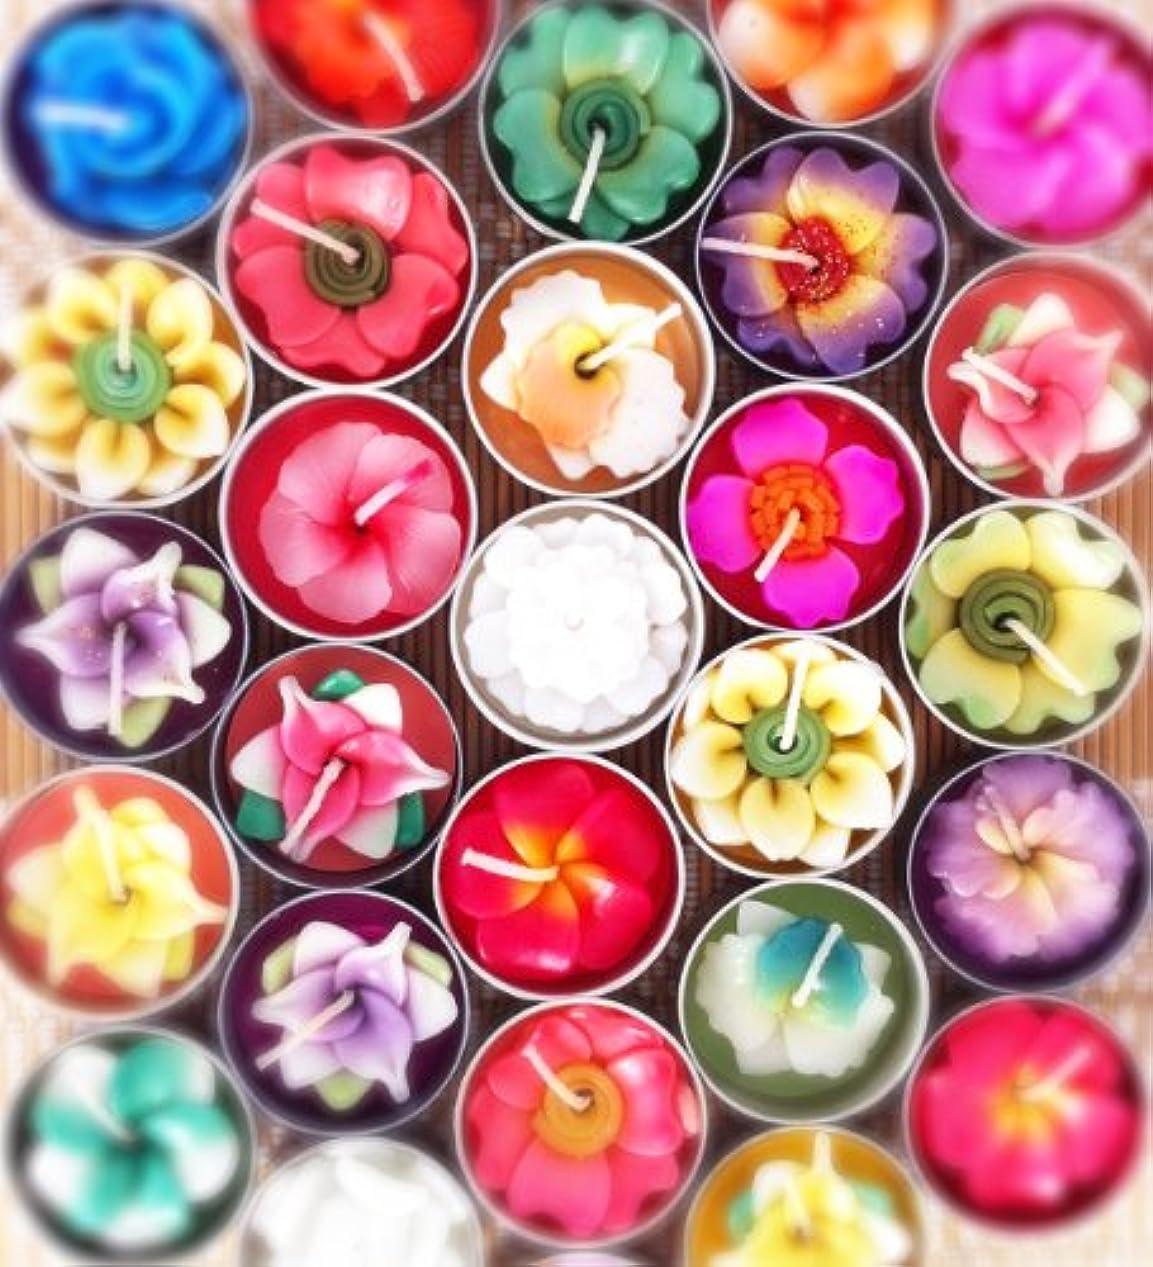 レンズターゲットオッズTiddin Design【キャンドル】フラワーキャンドル/ティーライトキャンドル/ろうそく/花の香り/Flower Candle (10個入りお徳用パック)